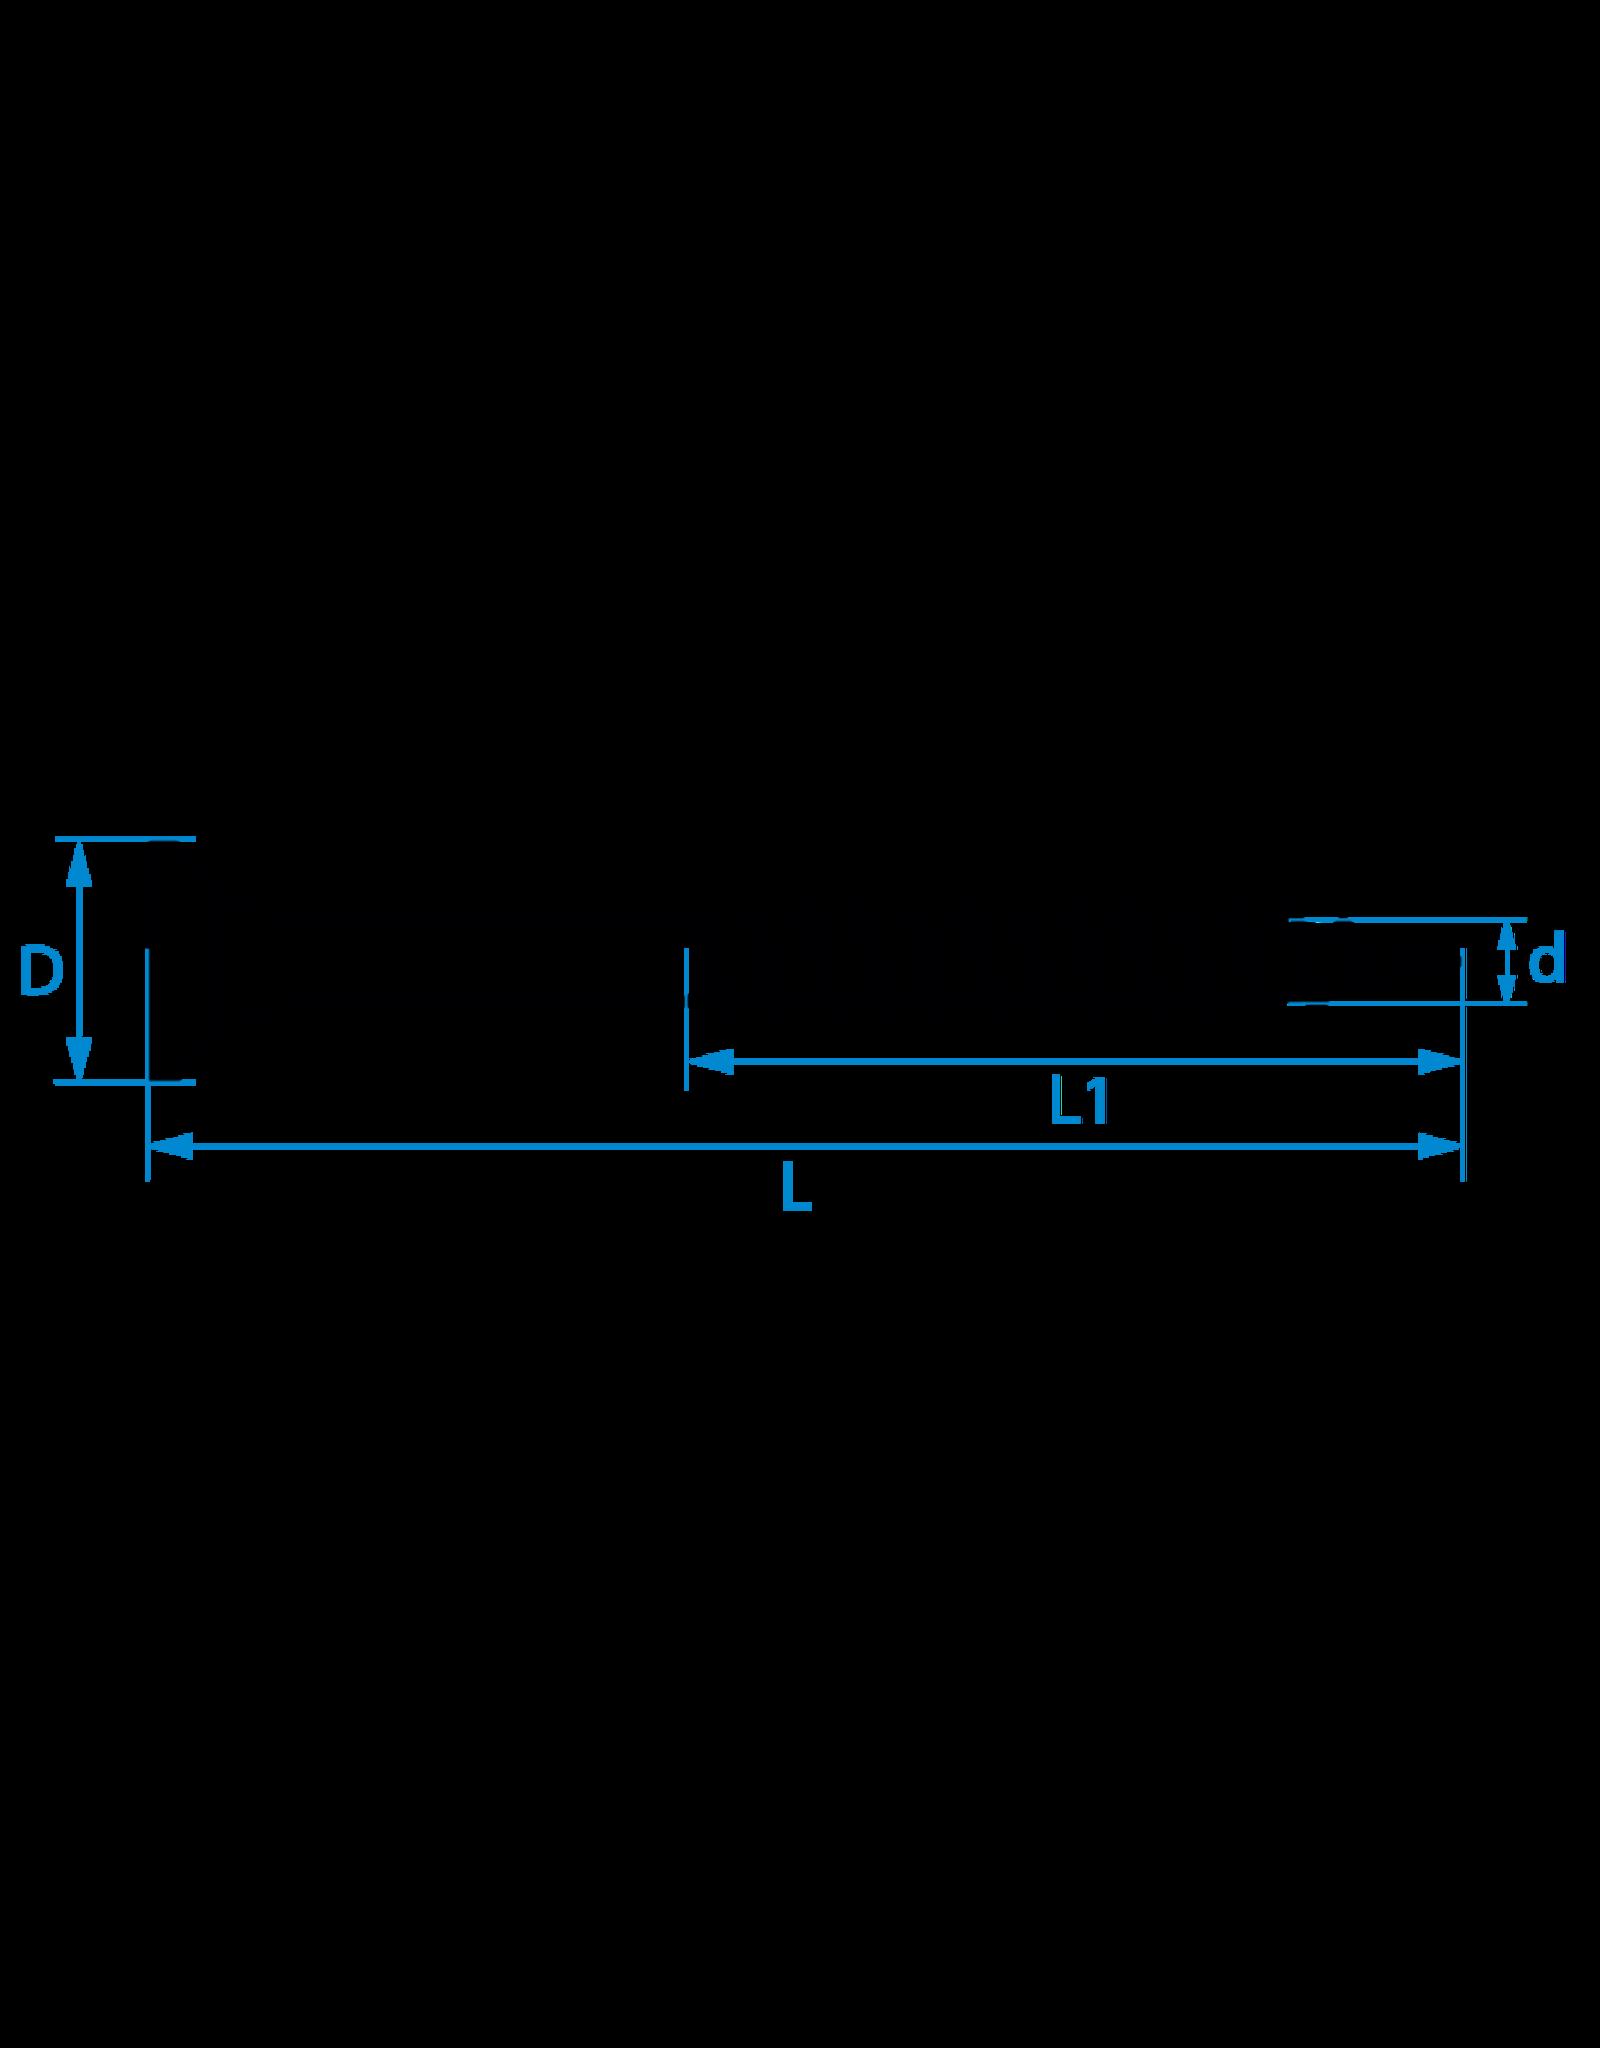 Spaanplaatschroeven platkop deeldraad 6.0x50/30 TX-25 staal gehard verzinkt per 100 stuks